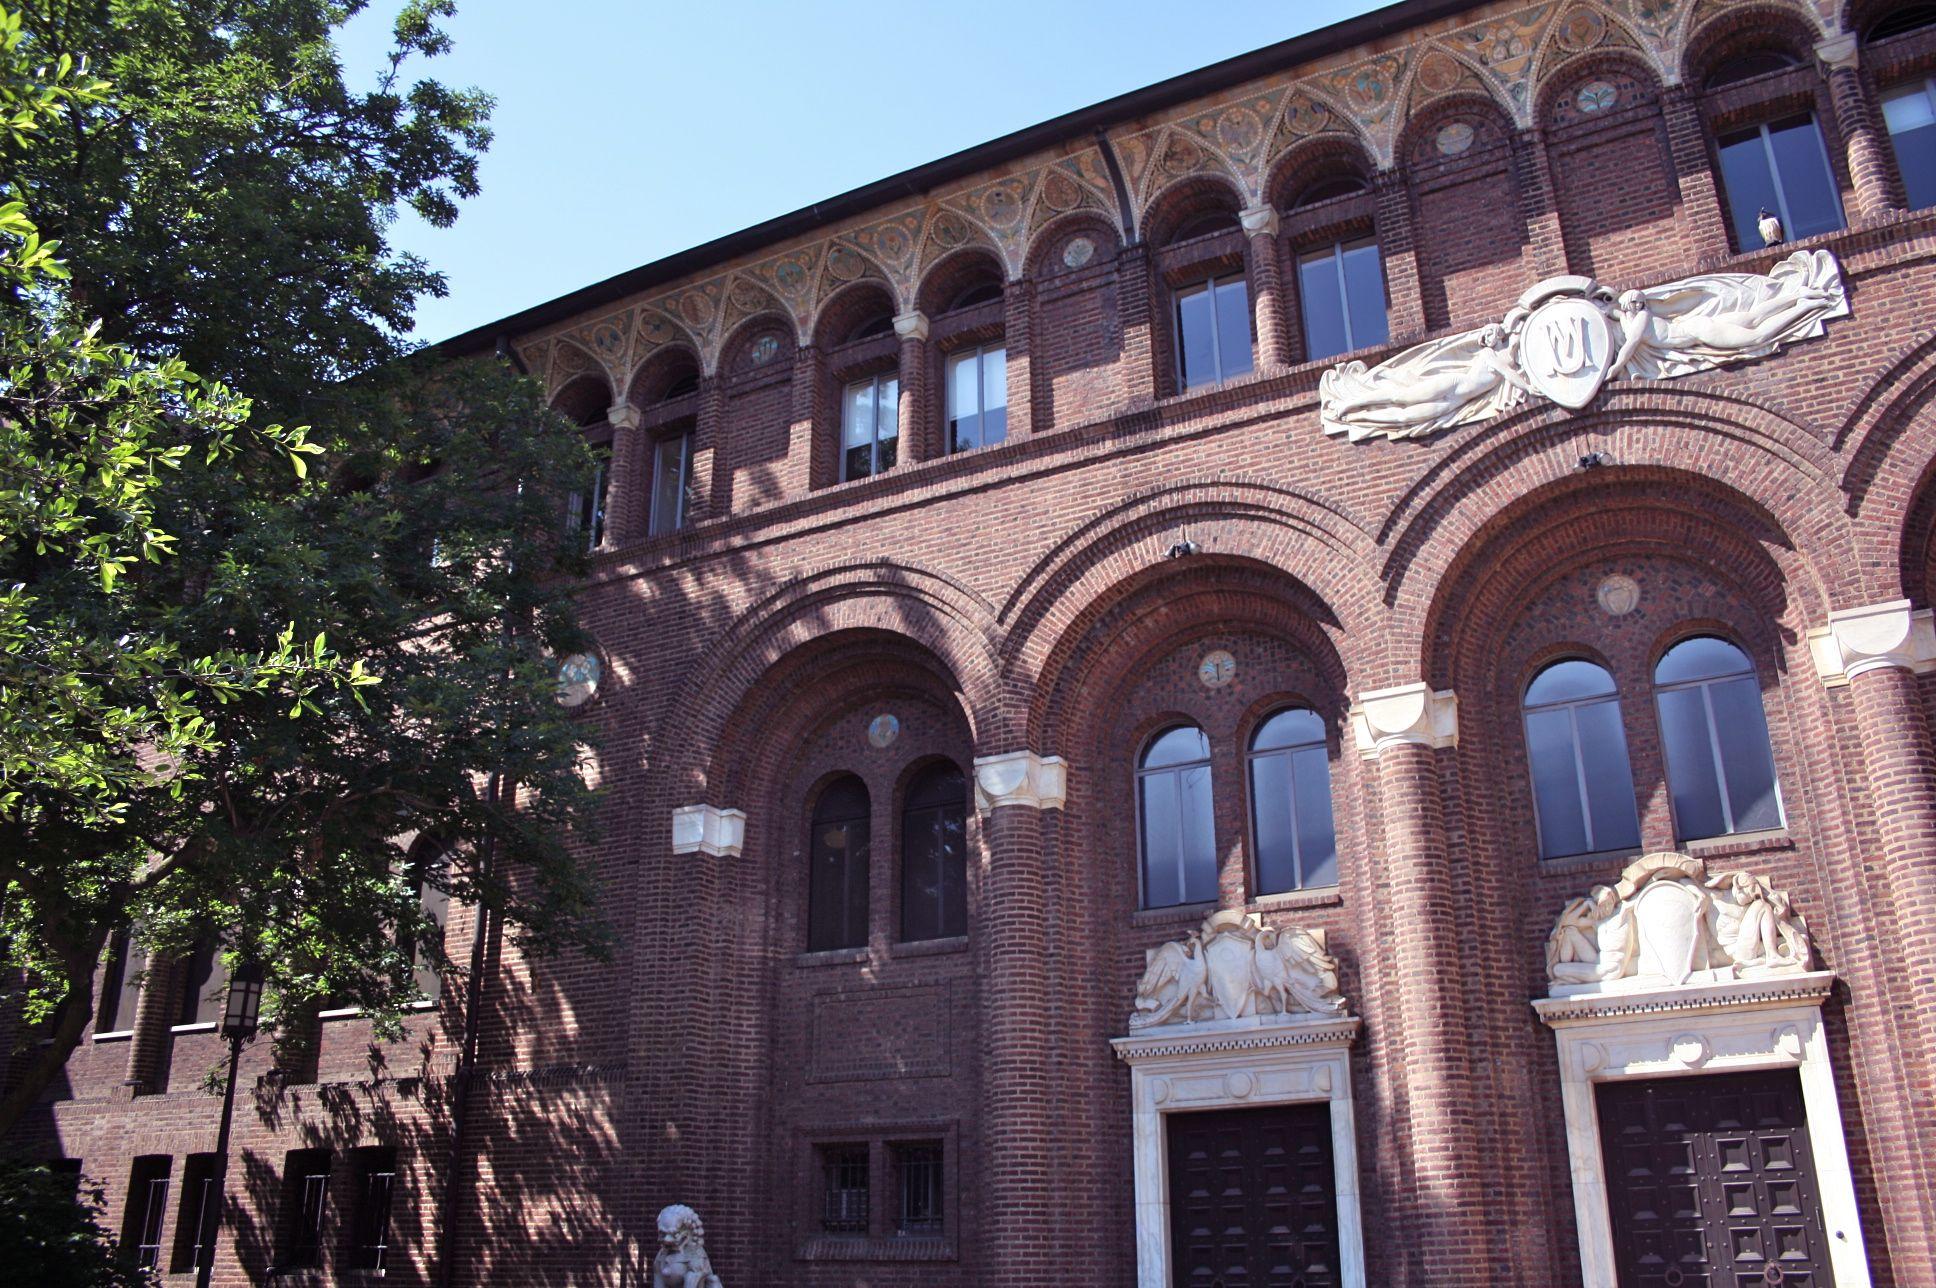 フィラデルフィア 考古学博物館 museum in philadelphia